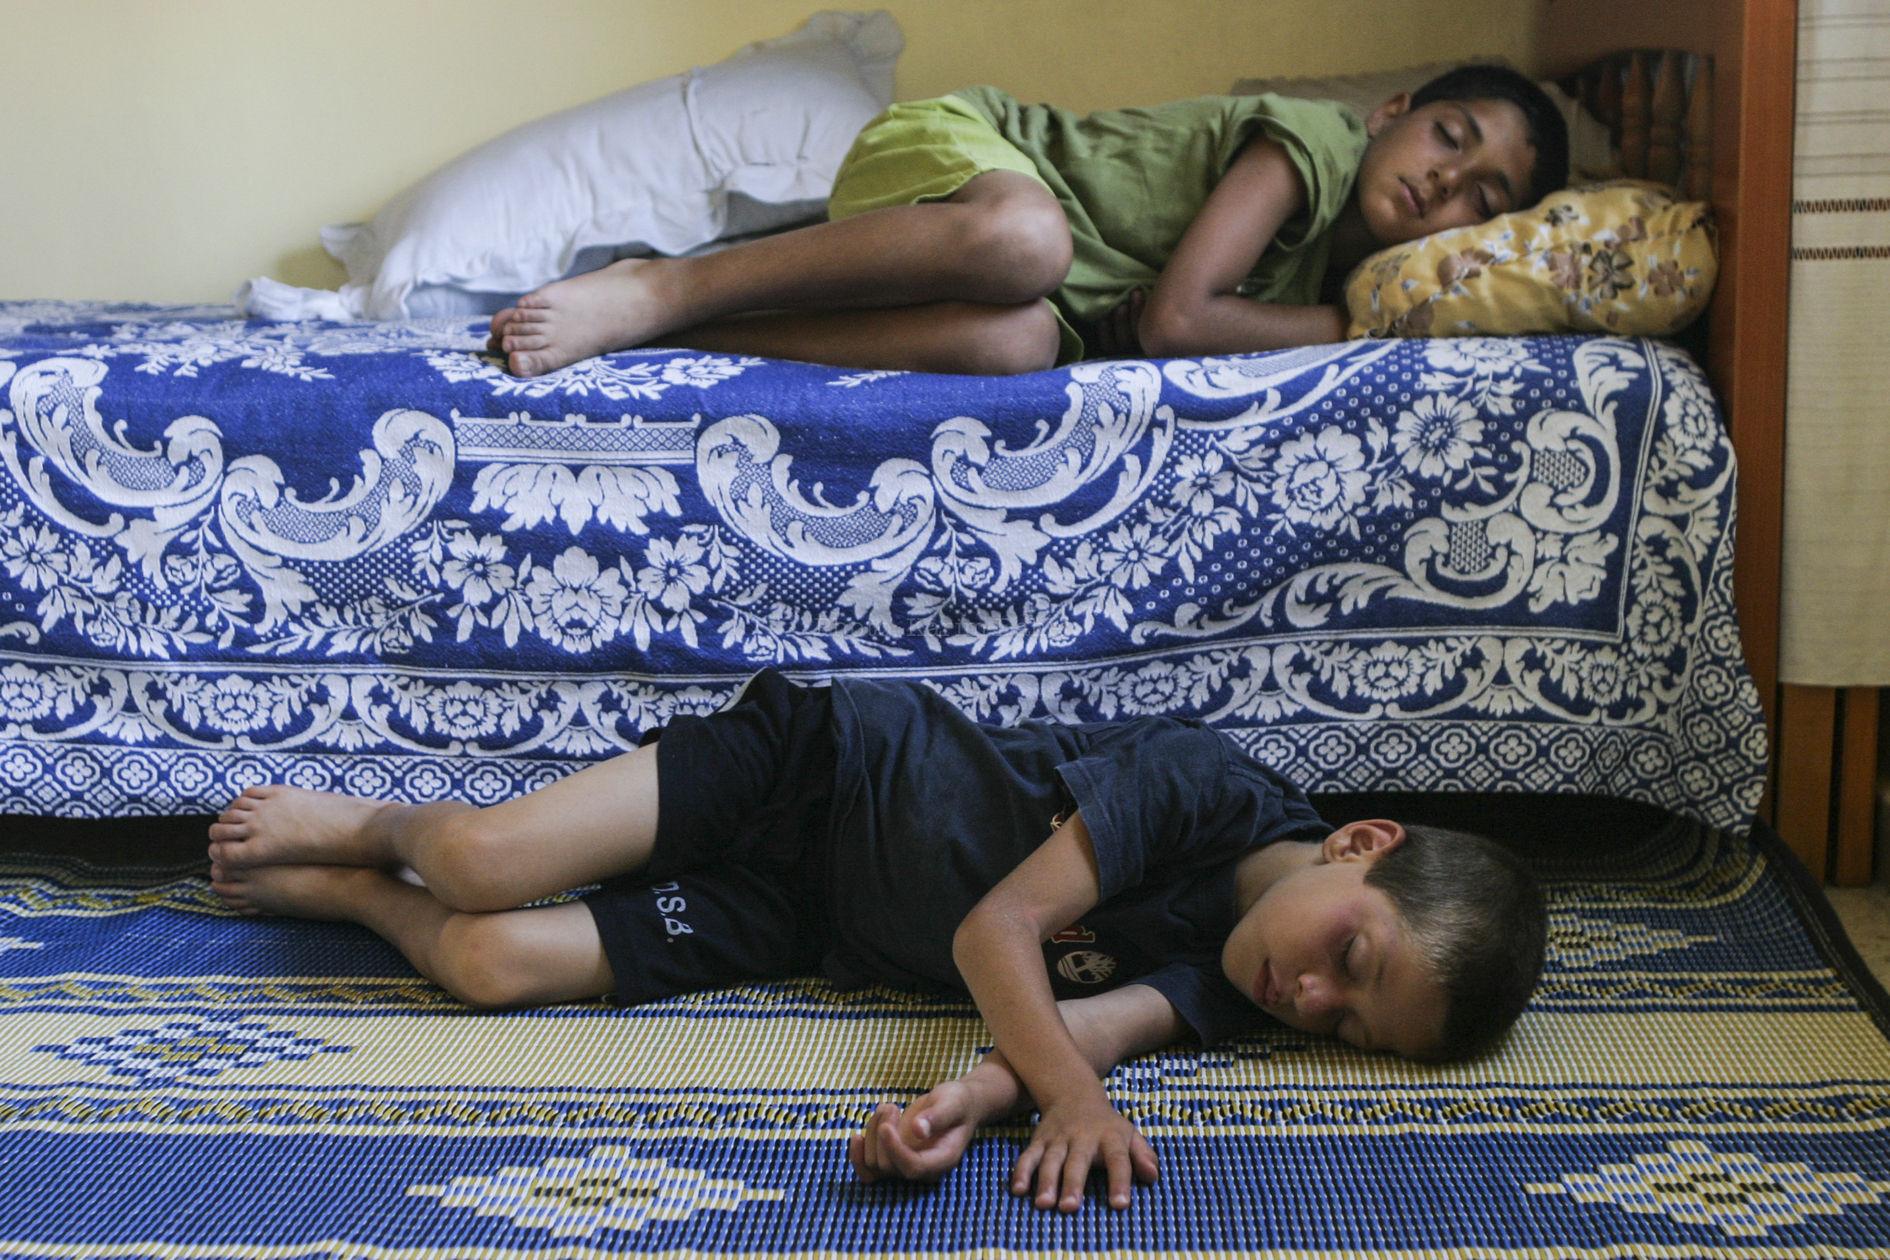 Liban, 2007. A Beyrouth, dans le camp palestinien de Chatila, deux enfants évacués de Nahr el Bared font une sieste chez des cousins.